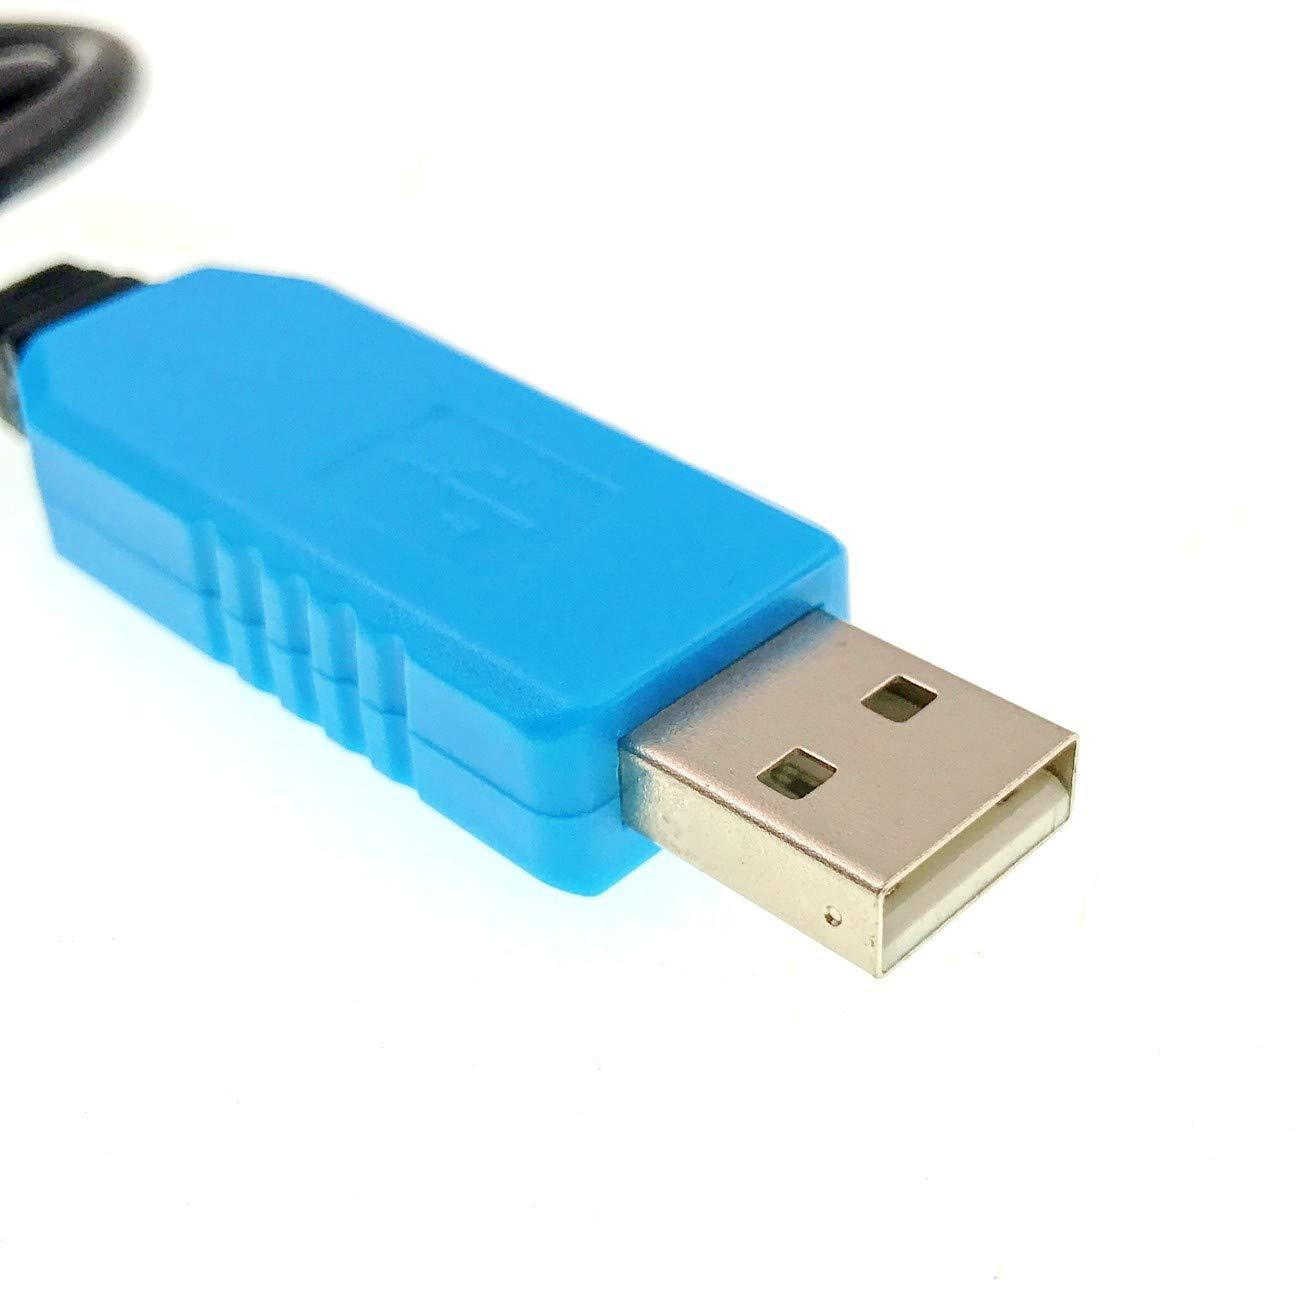 JZK 3 x PL2303TA Cavo di debug convertitore da Cavo seriale USB a Ttl per Raspberry Pi Arduino 8.1Mac OS 7//8 supportato per Windows XP//Vista